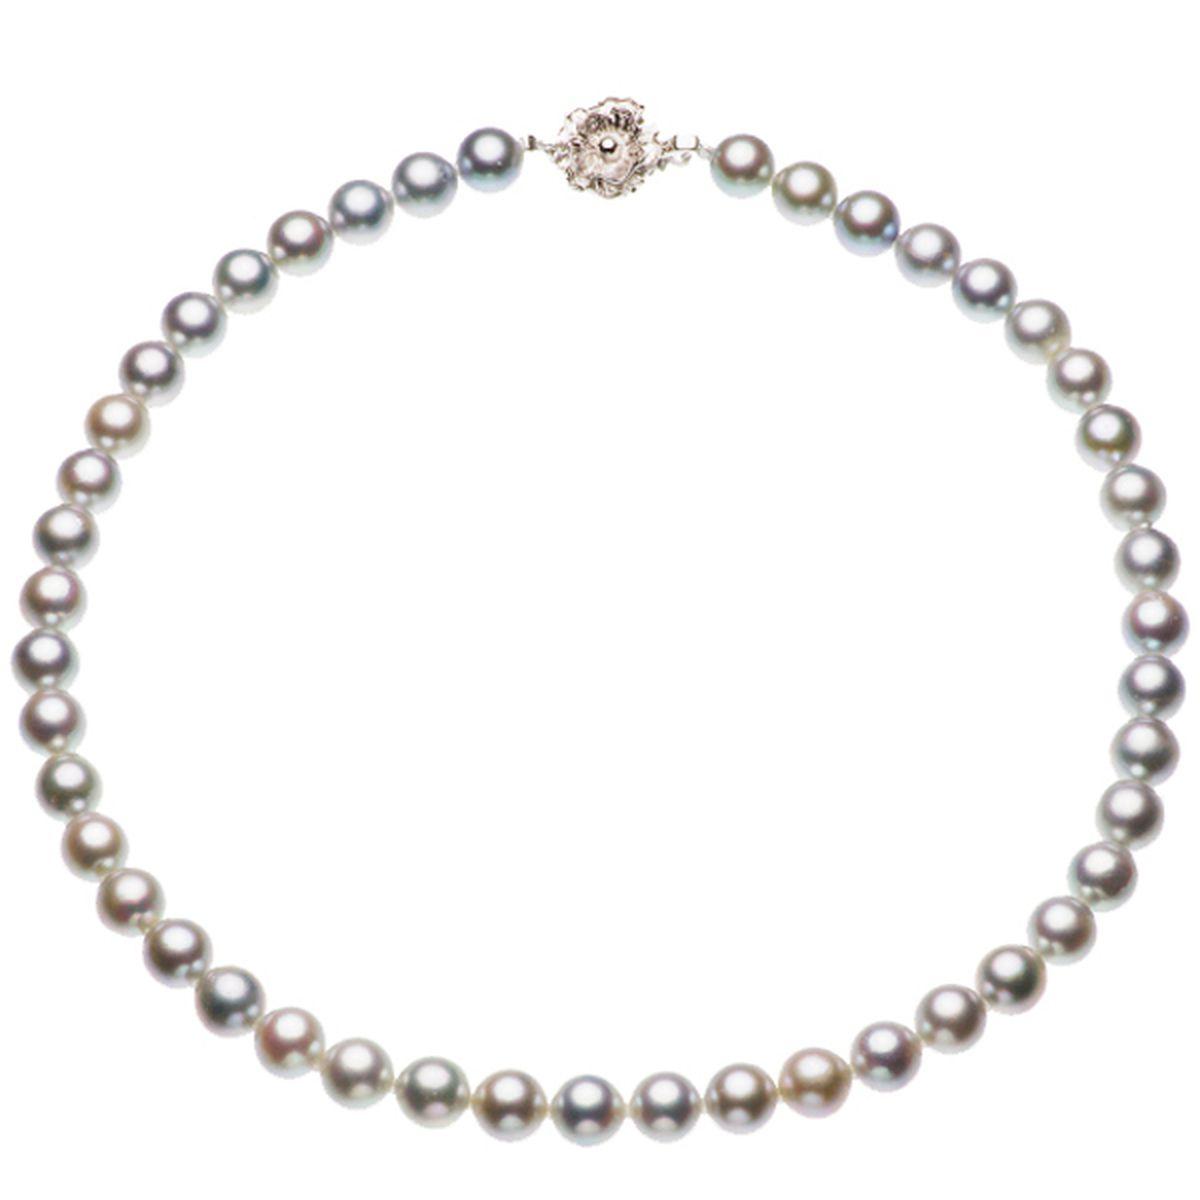 アコヤ真珠フォーマルネックレス 約8.5-9.0mmの写真